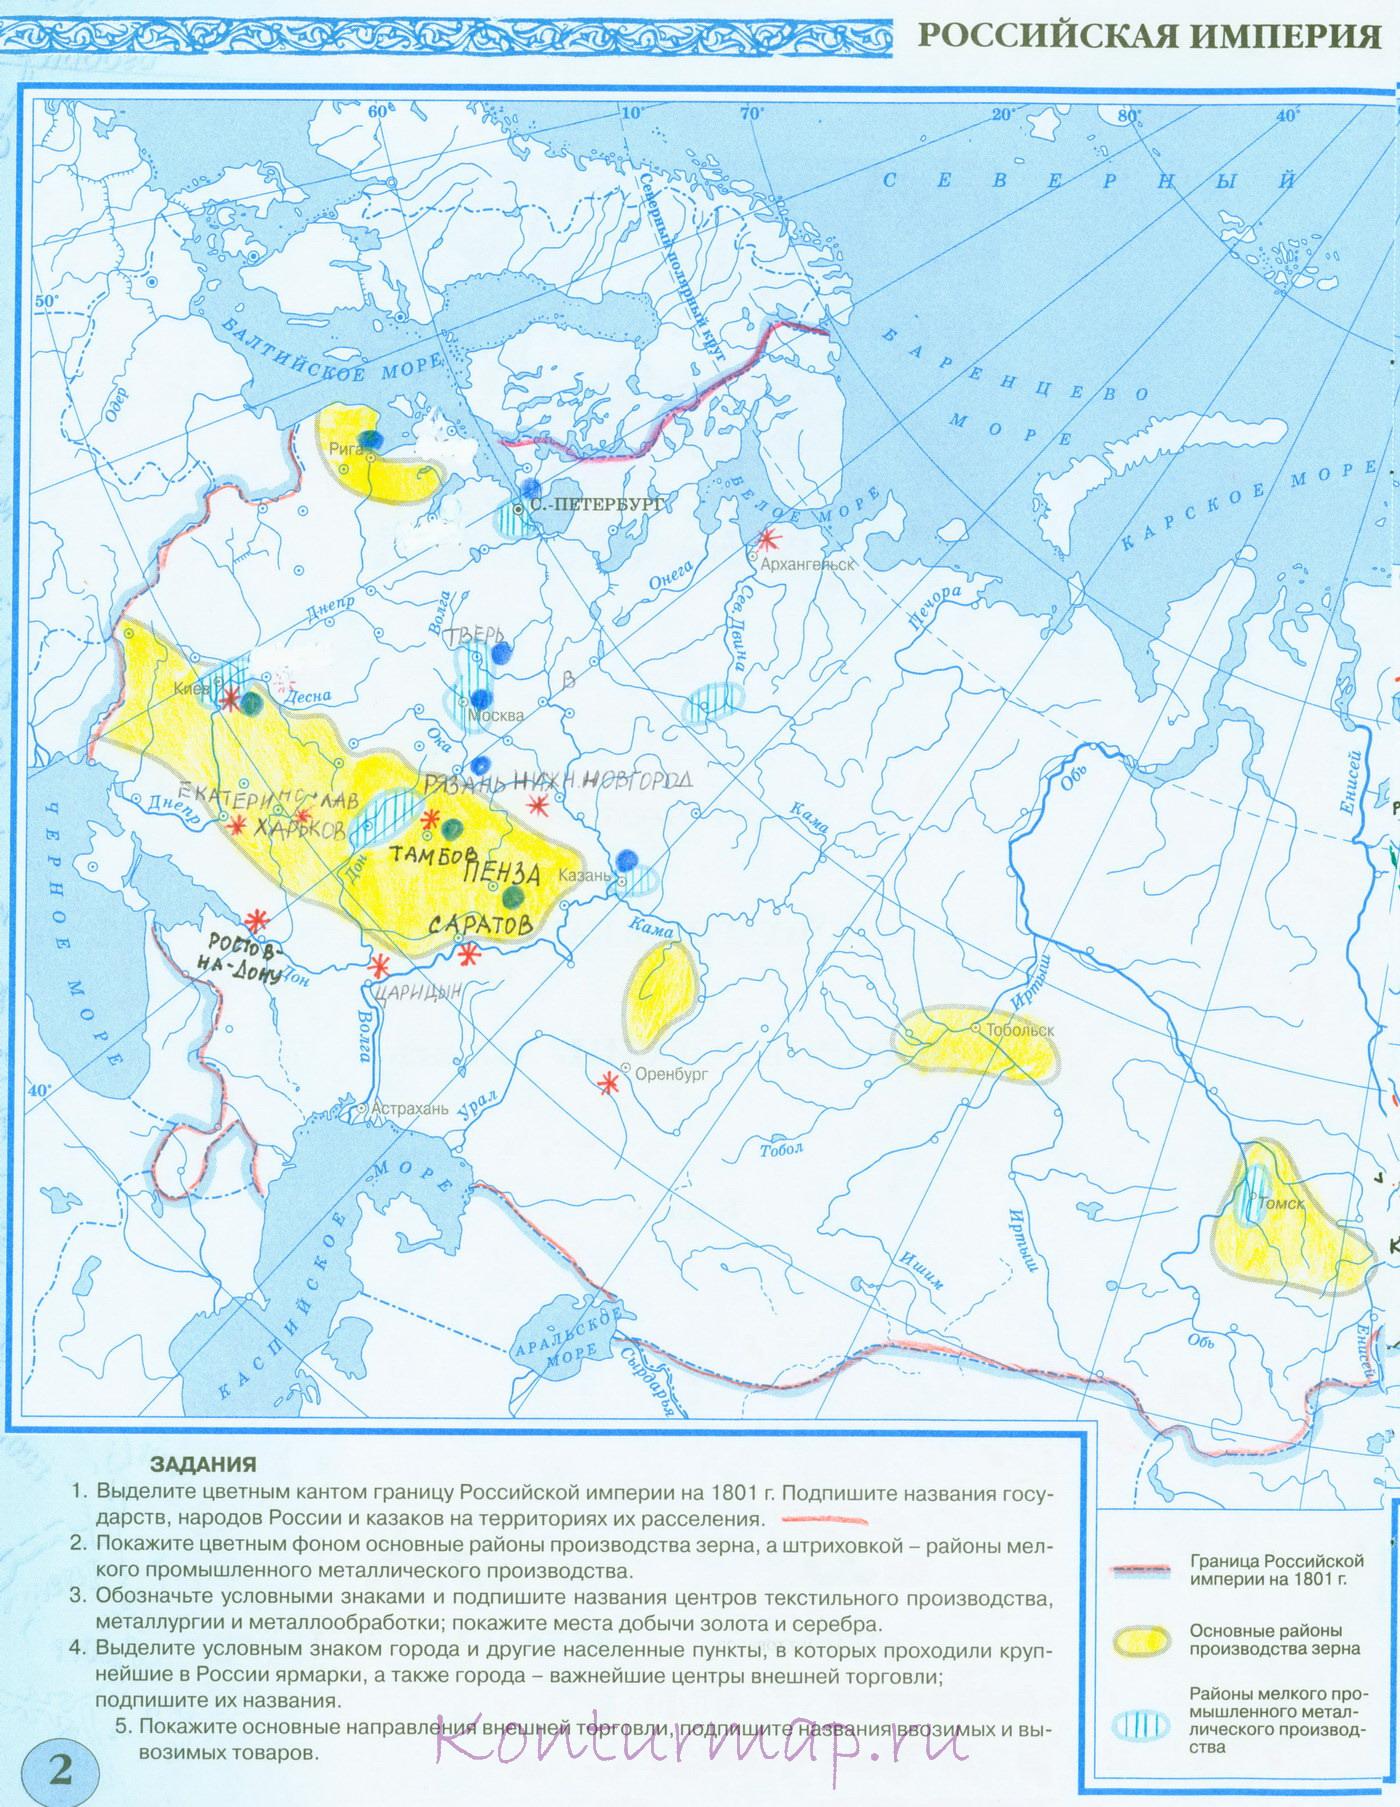 Гдз по контурной карте история 8 класса